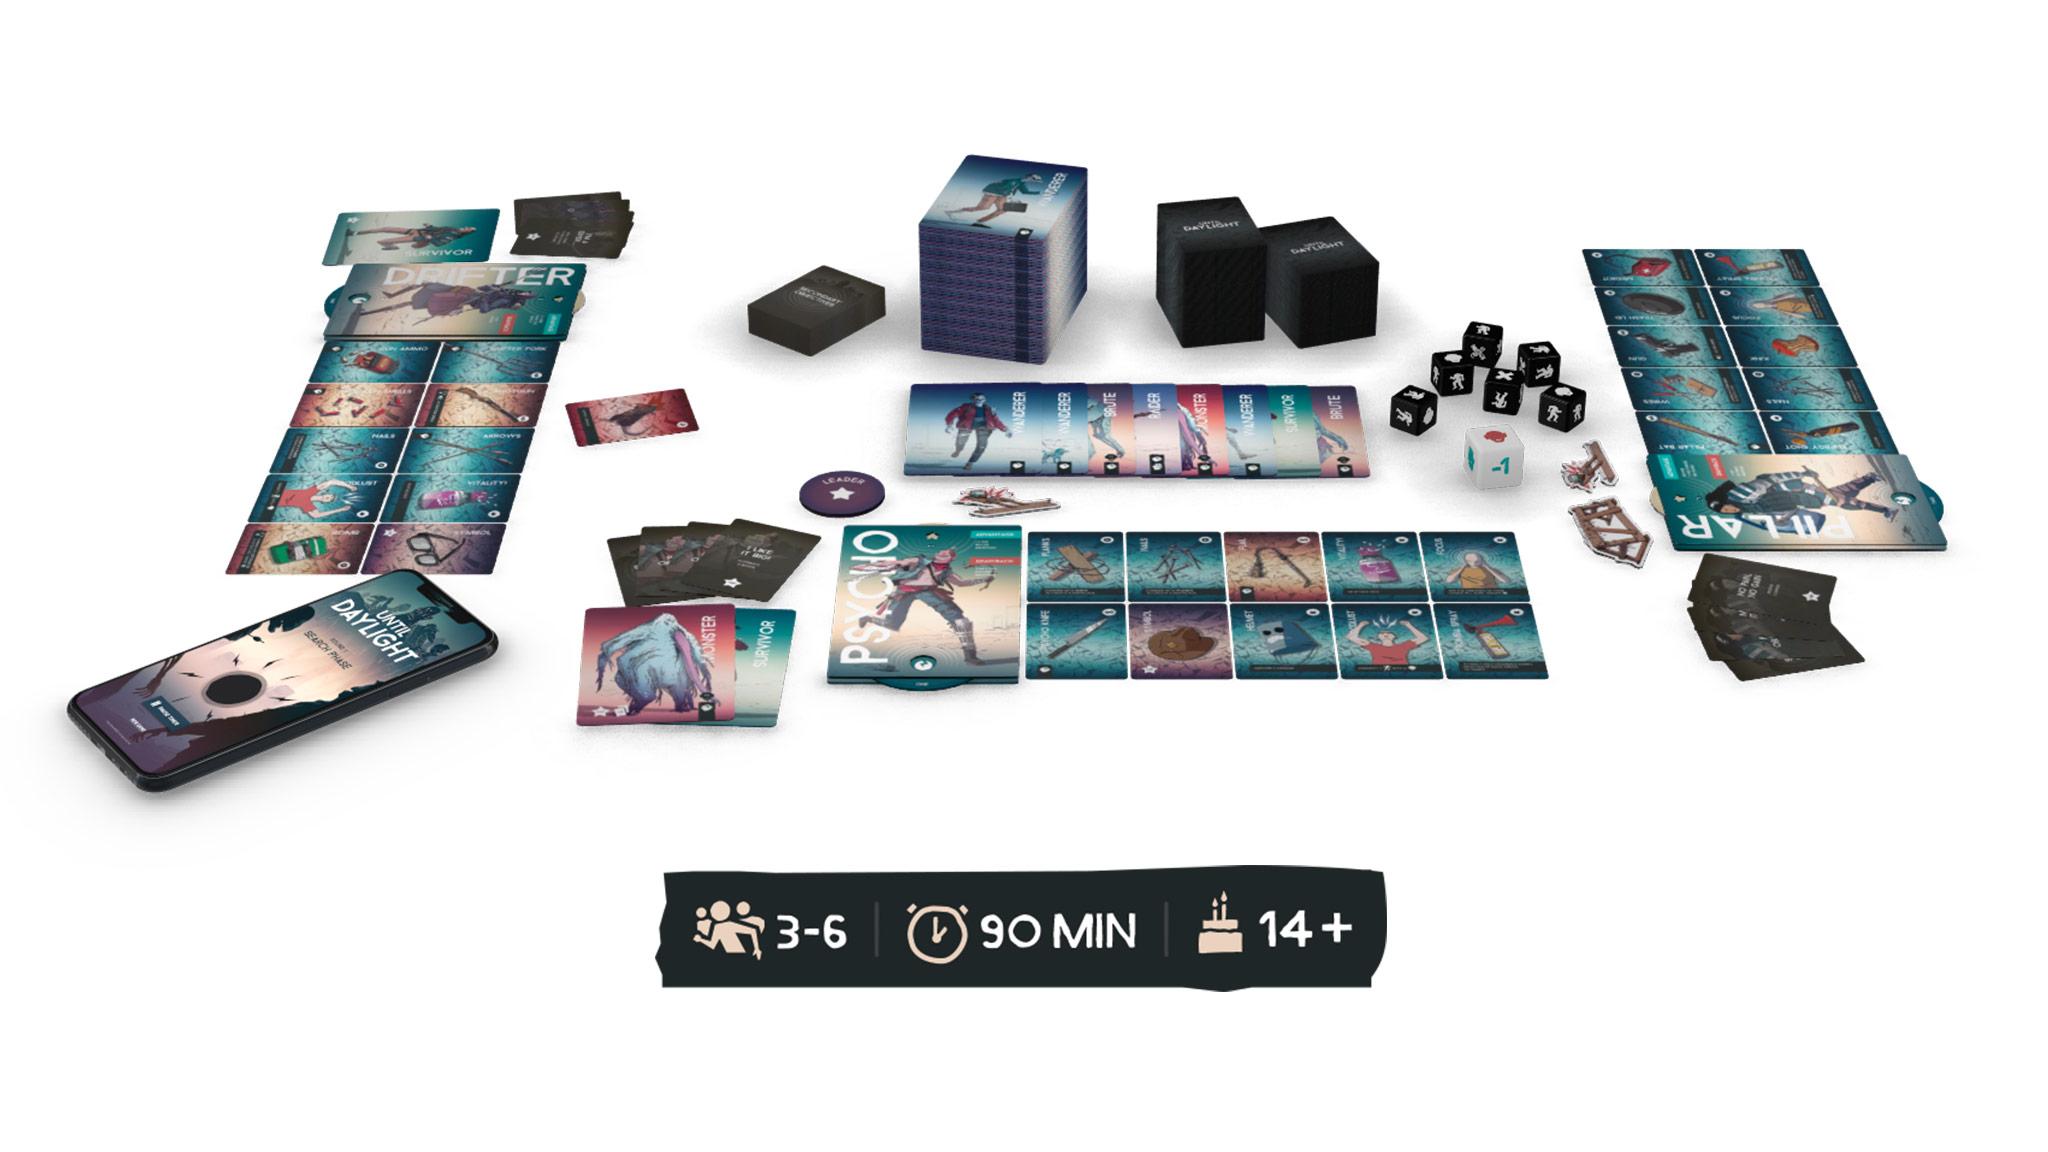 KS_Pre-launch_gameset